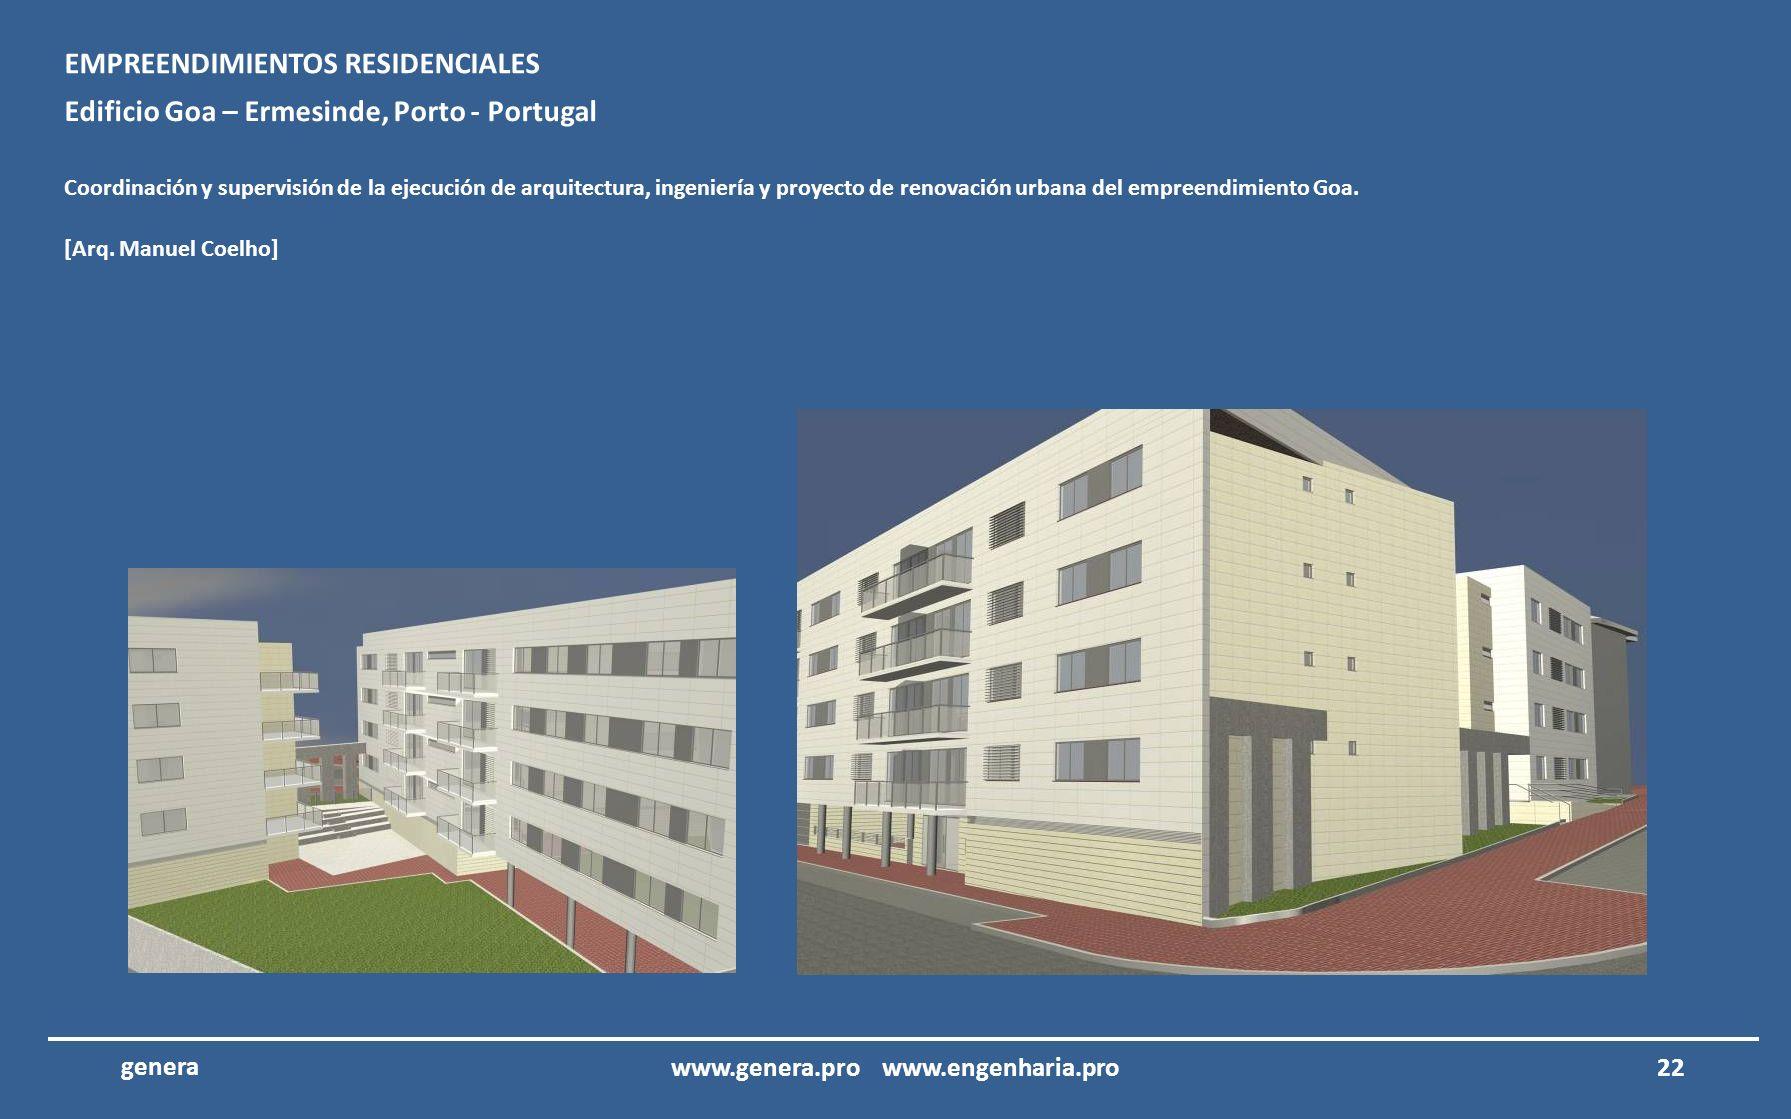 21 genera Centro de difusión RTP – Lisboa – Portugal Consultoría y revisión de proyectos de ingeniería del centro de difusión internacional de Radio y